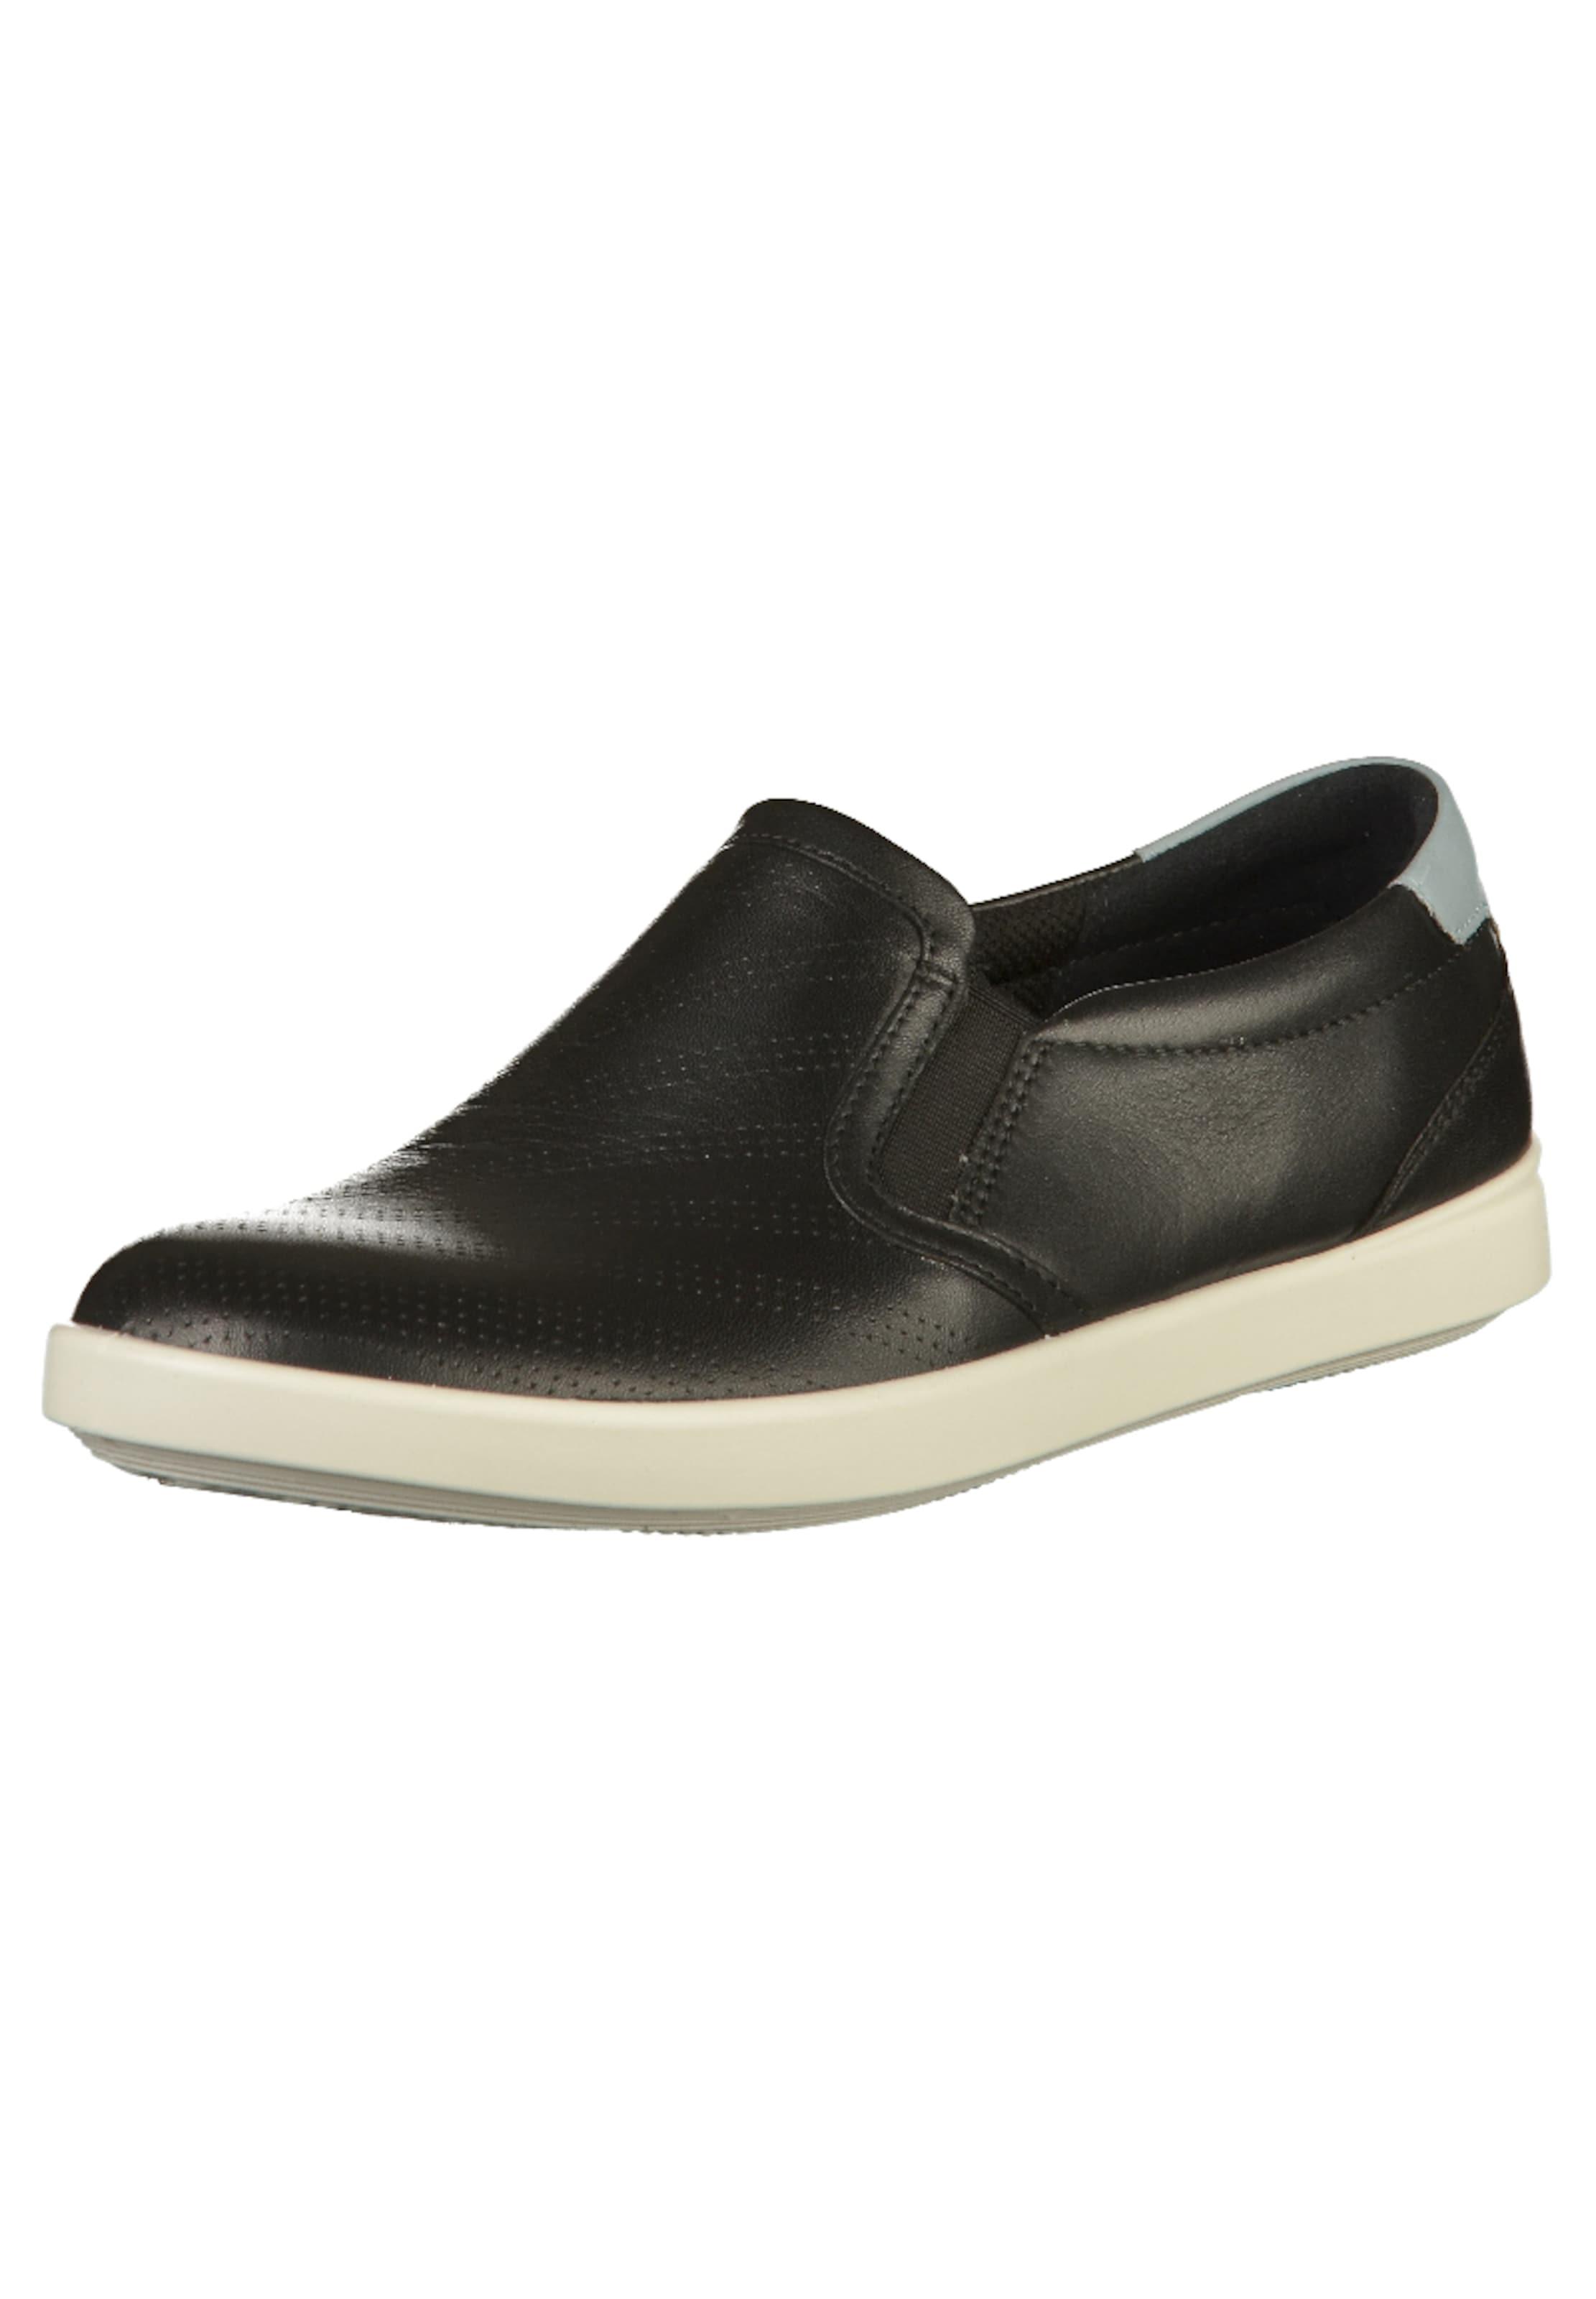 ECCO Slipper Verschleißfeste billige Schuhe Hohe Qualität